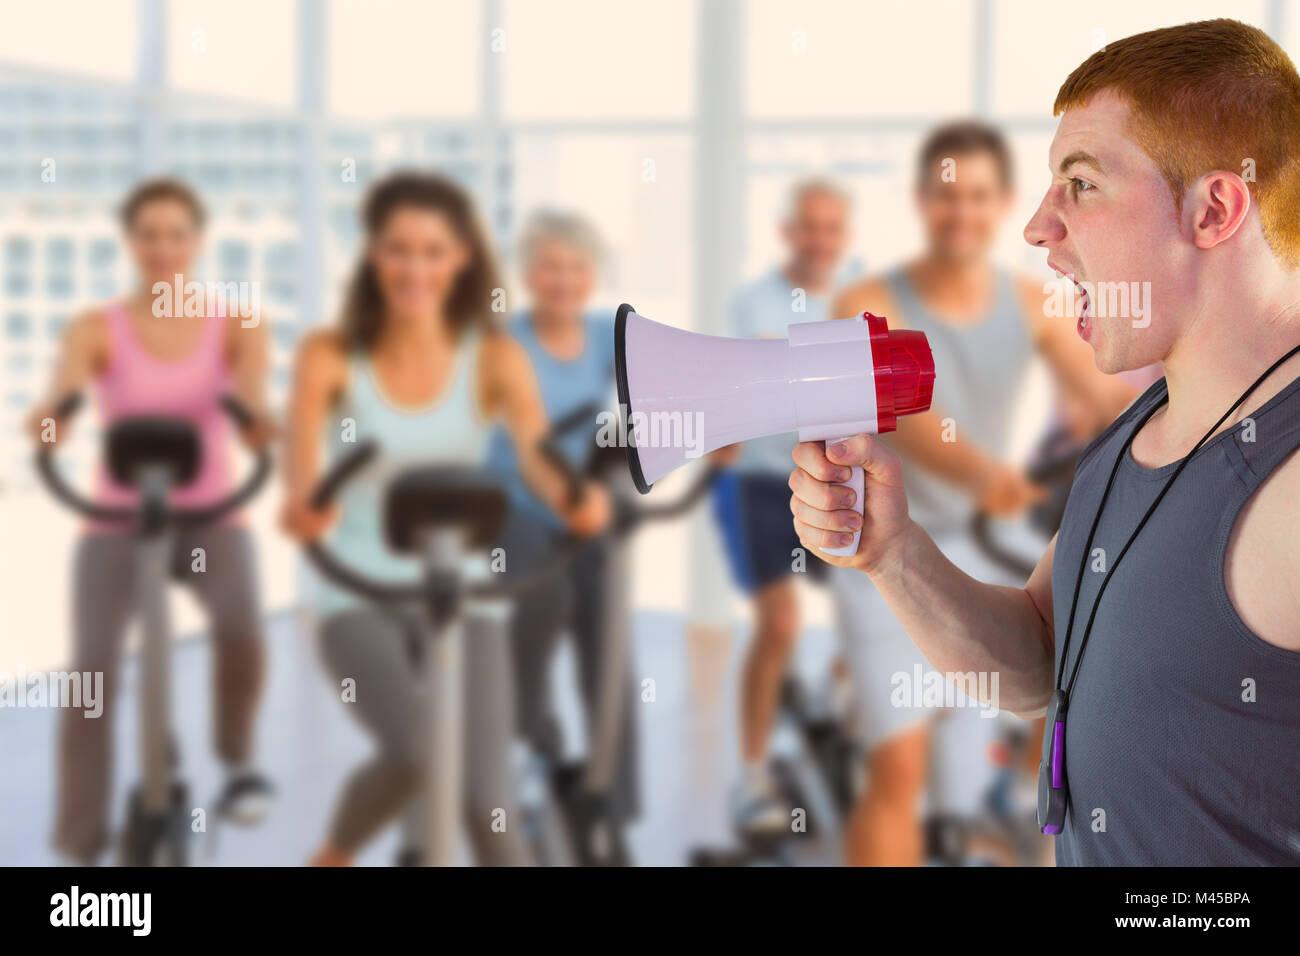 Immagine composita di angry personal trainer urla attraverso il megafono Immagini Stock